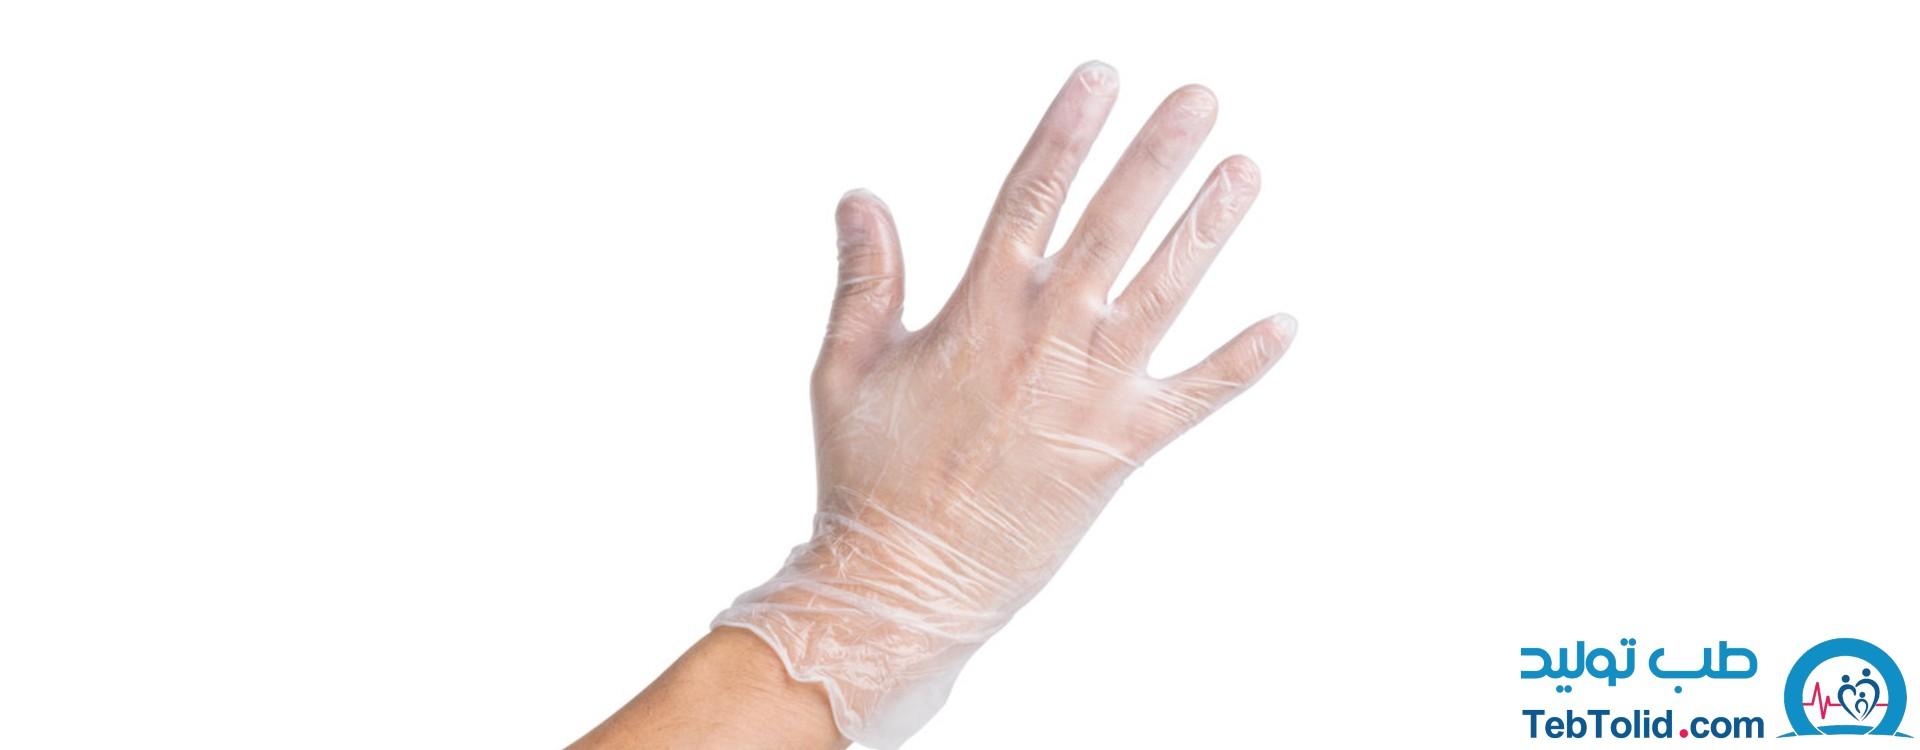 دستکش وینیل چیست؟ معرفی مشخصات، ویژگی ها و انواع دستکش وینیل